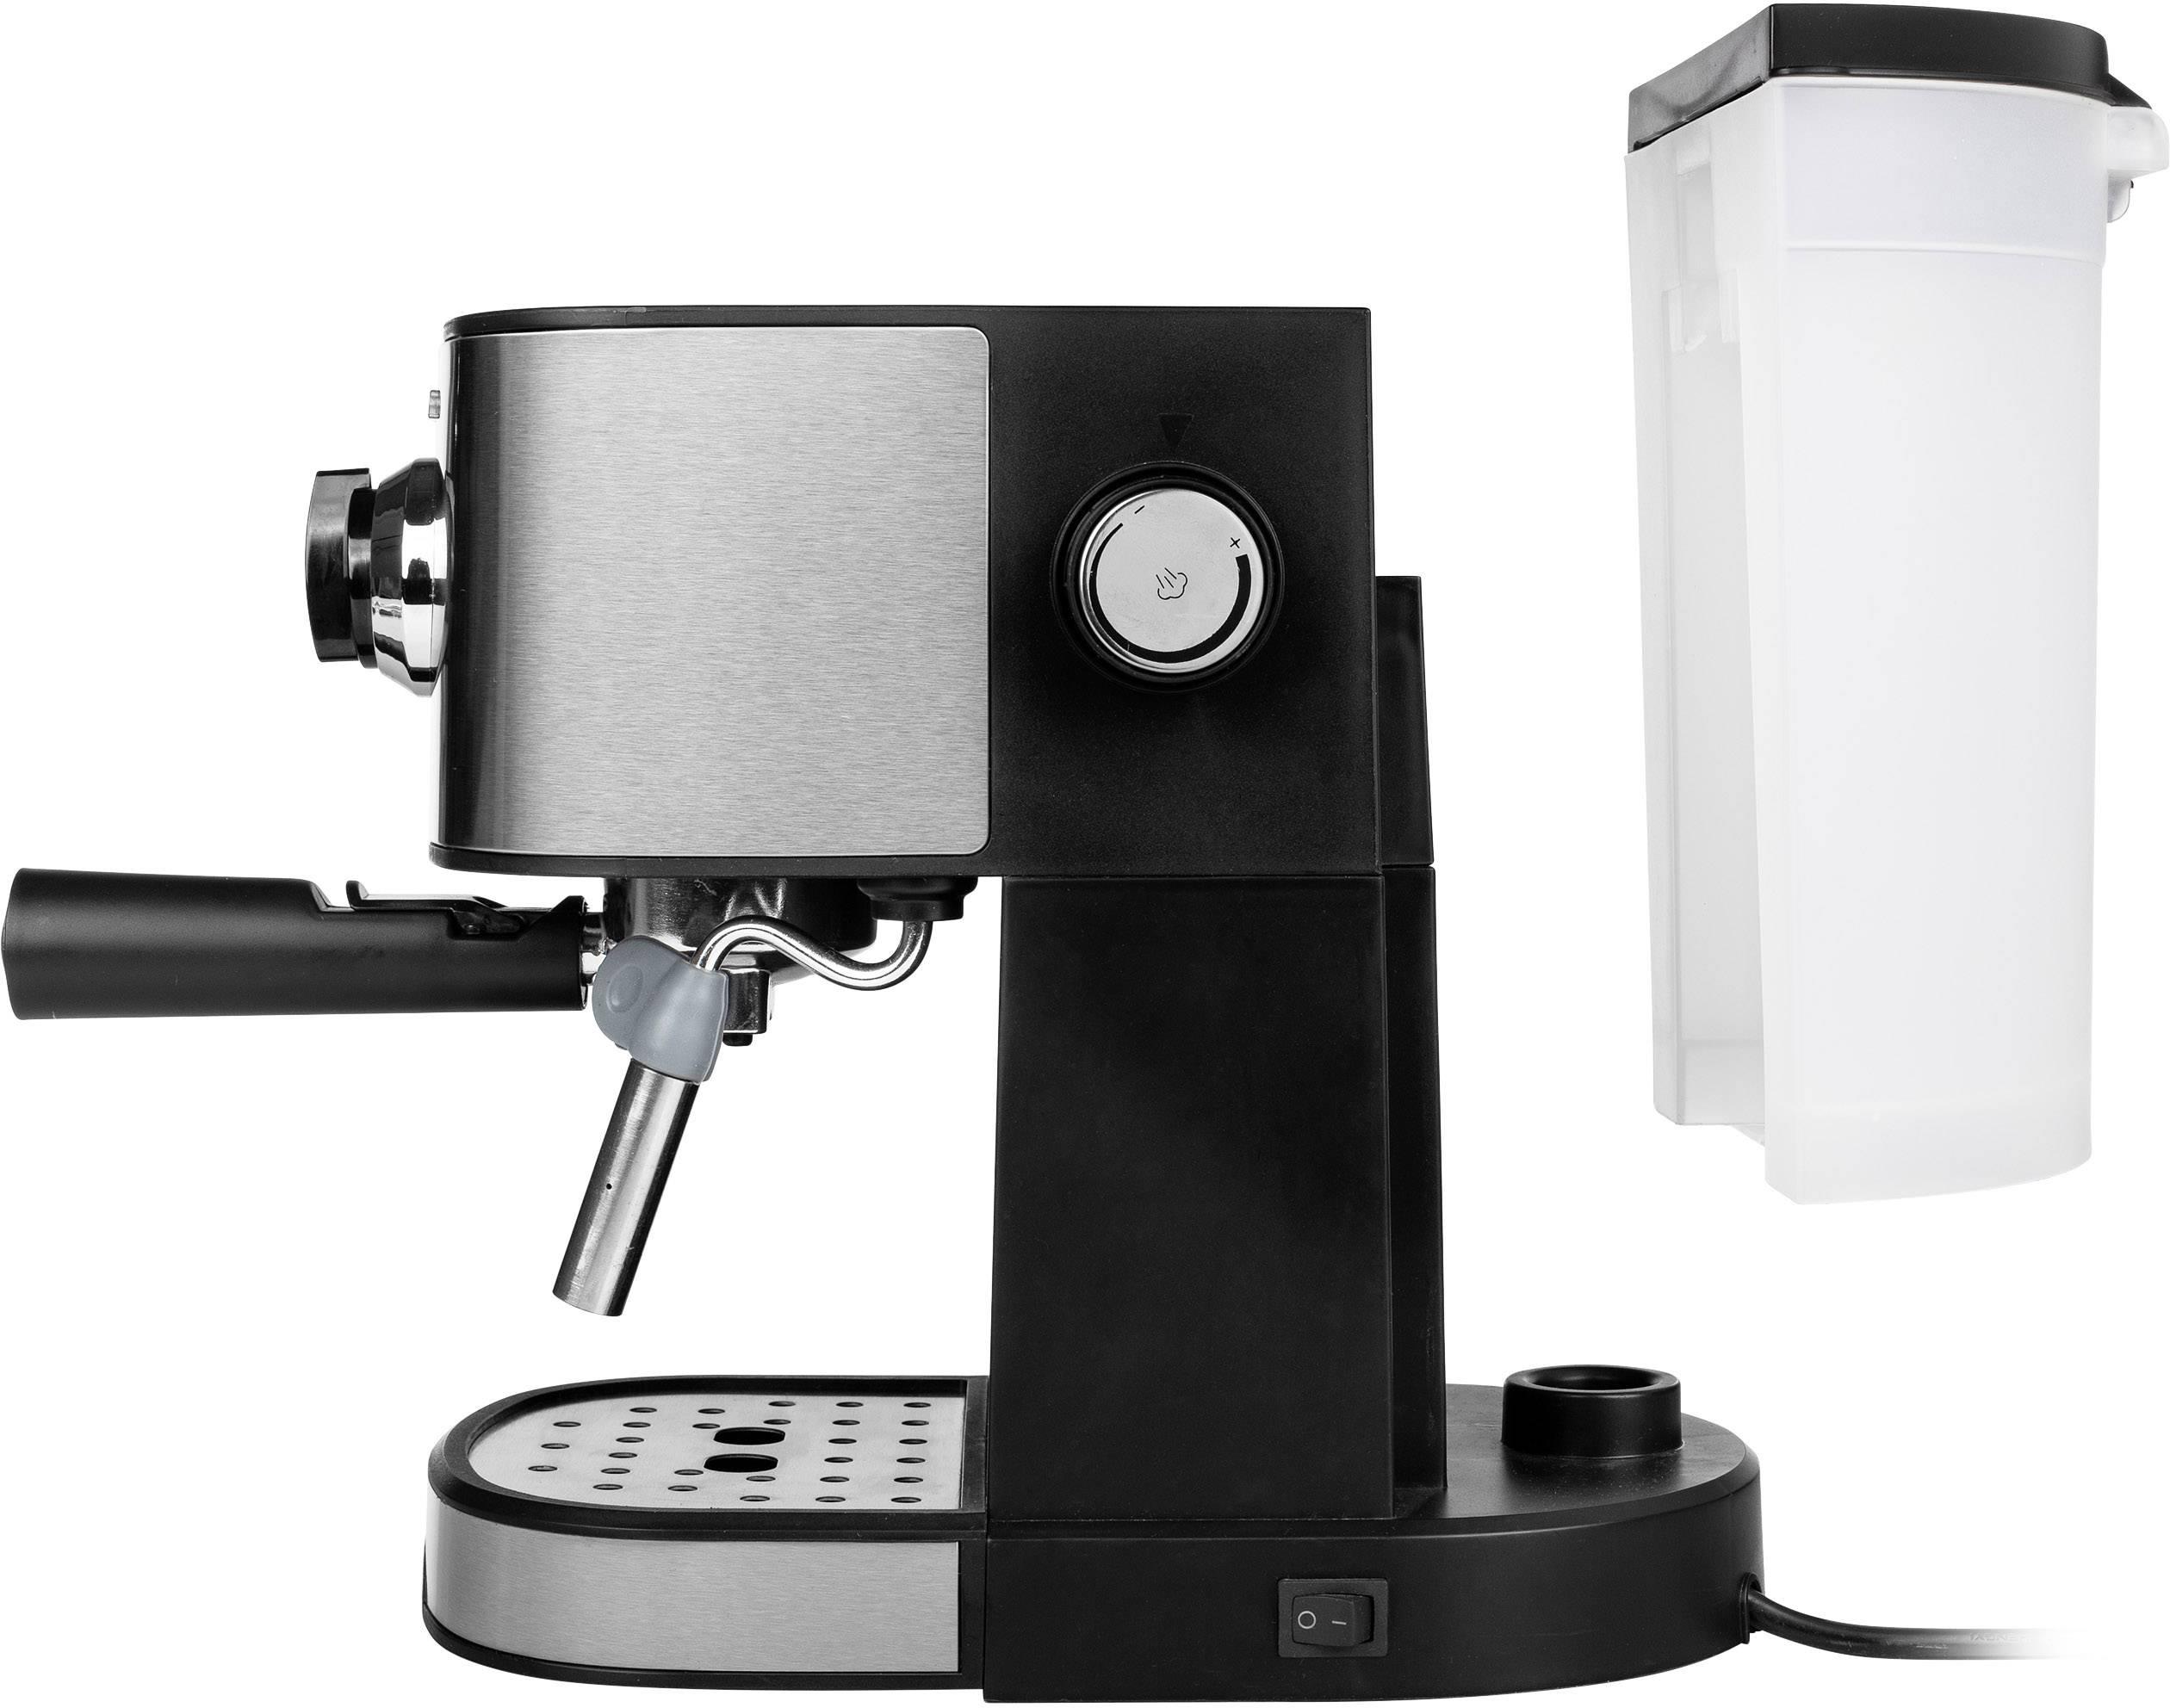 Tristar CM-2275 avtomat za espresso z držalom za filter legirano jeklo, črna 750 W